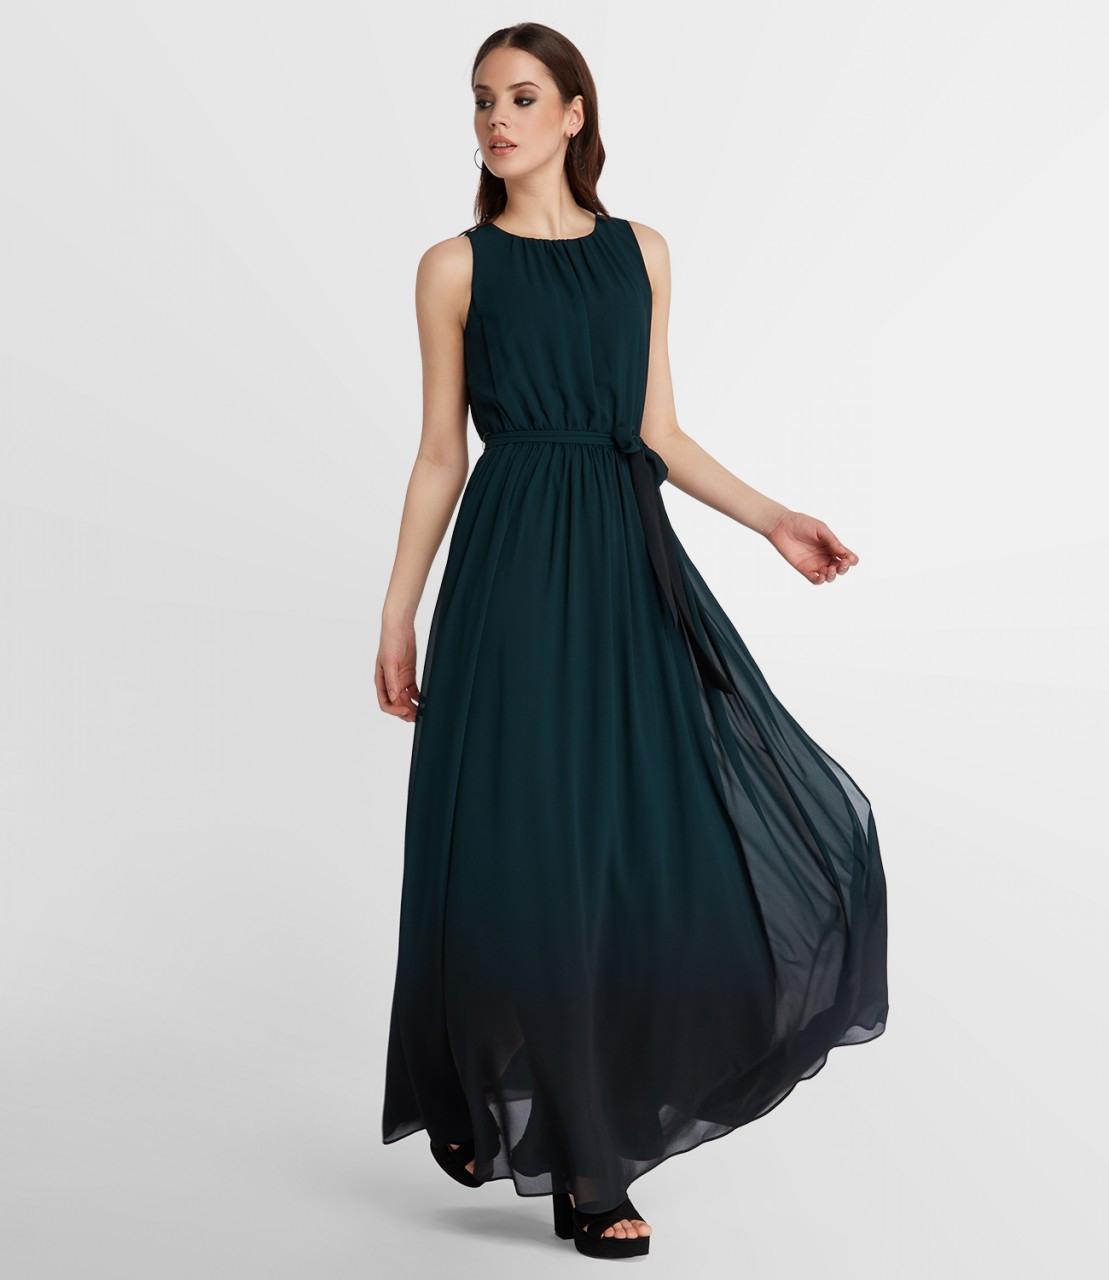 Perfekt Abendkleid Tannengrün Ärmel15 Luxurius Abendkleid Tannengrün Ärmel